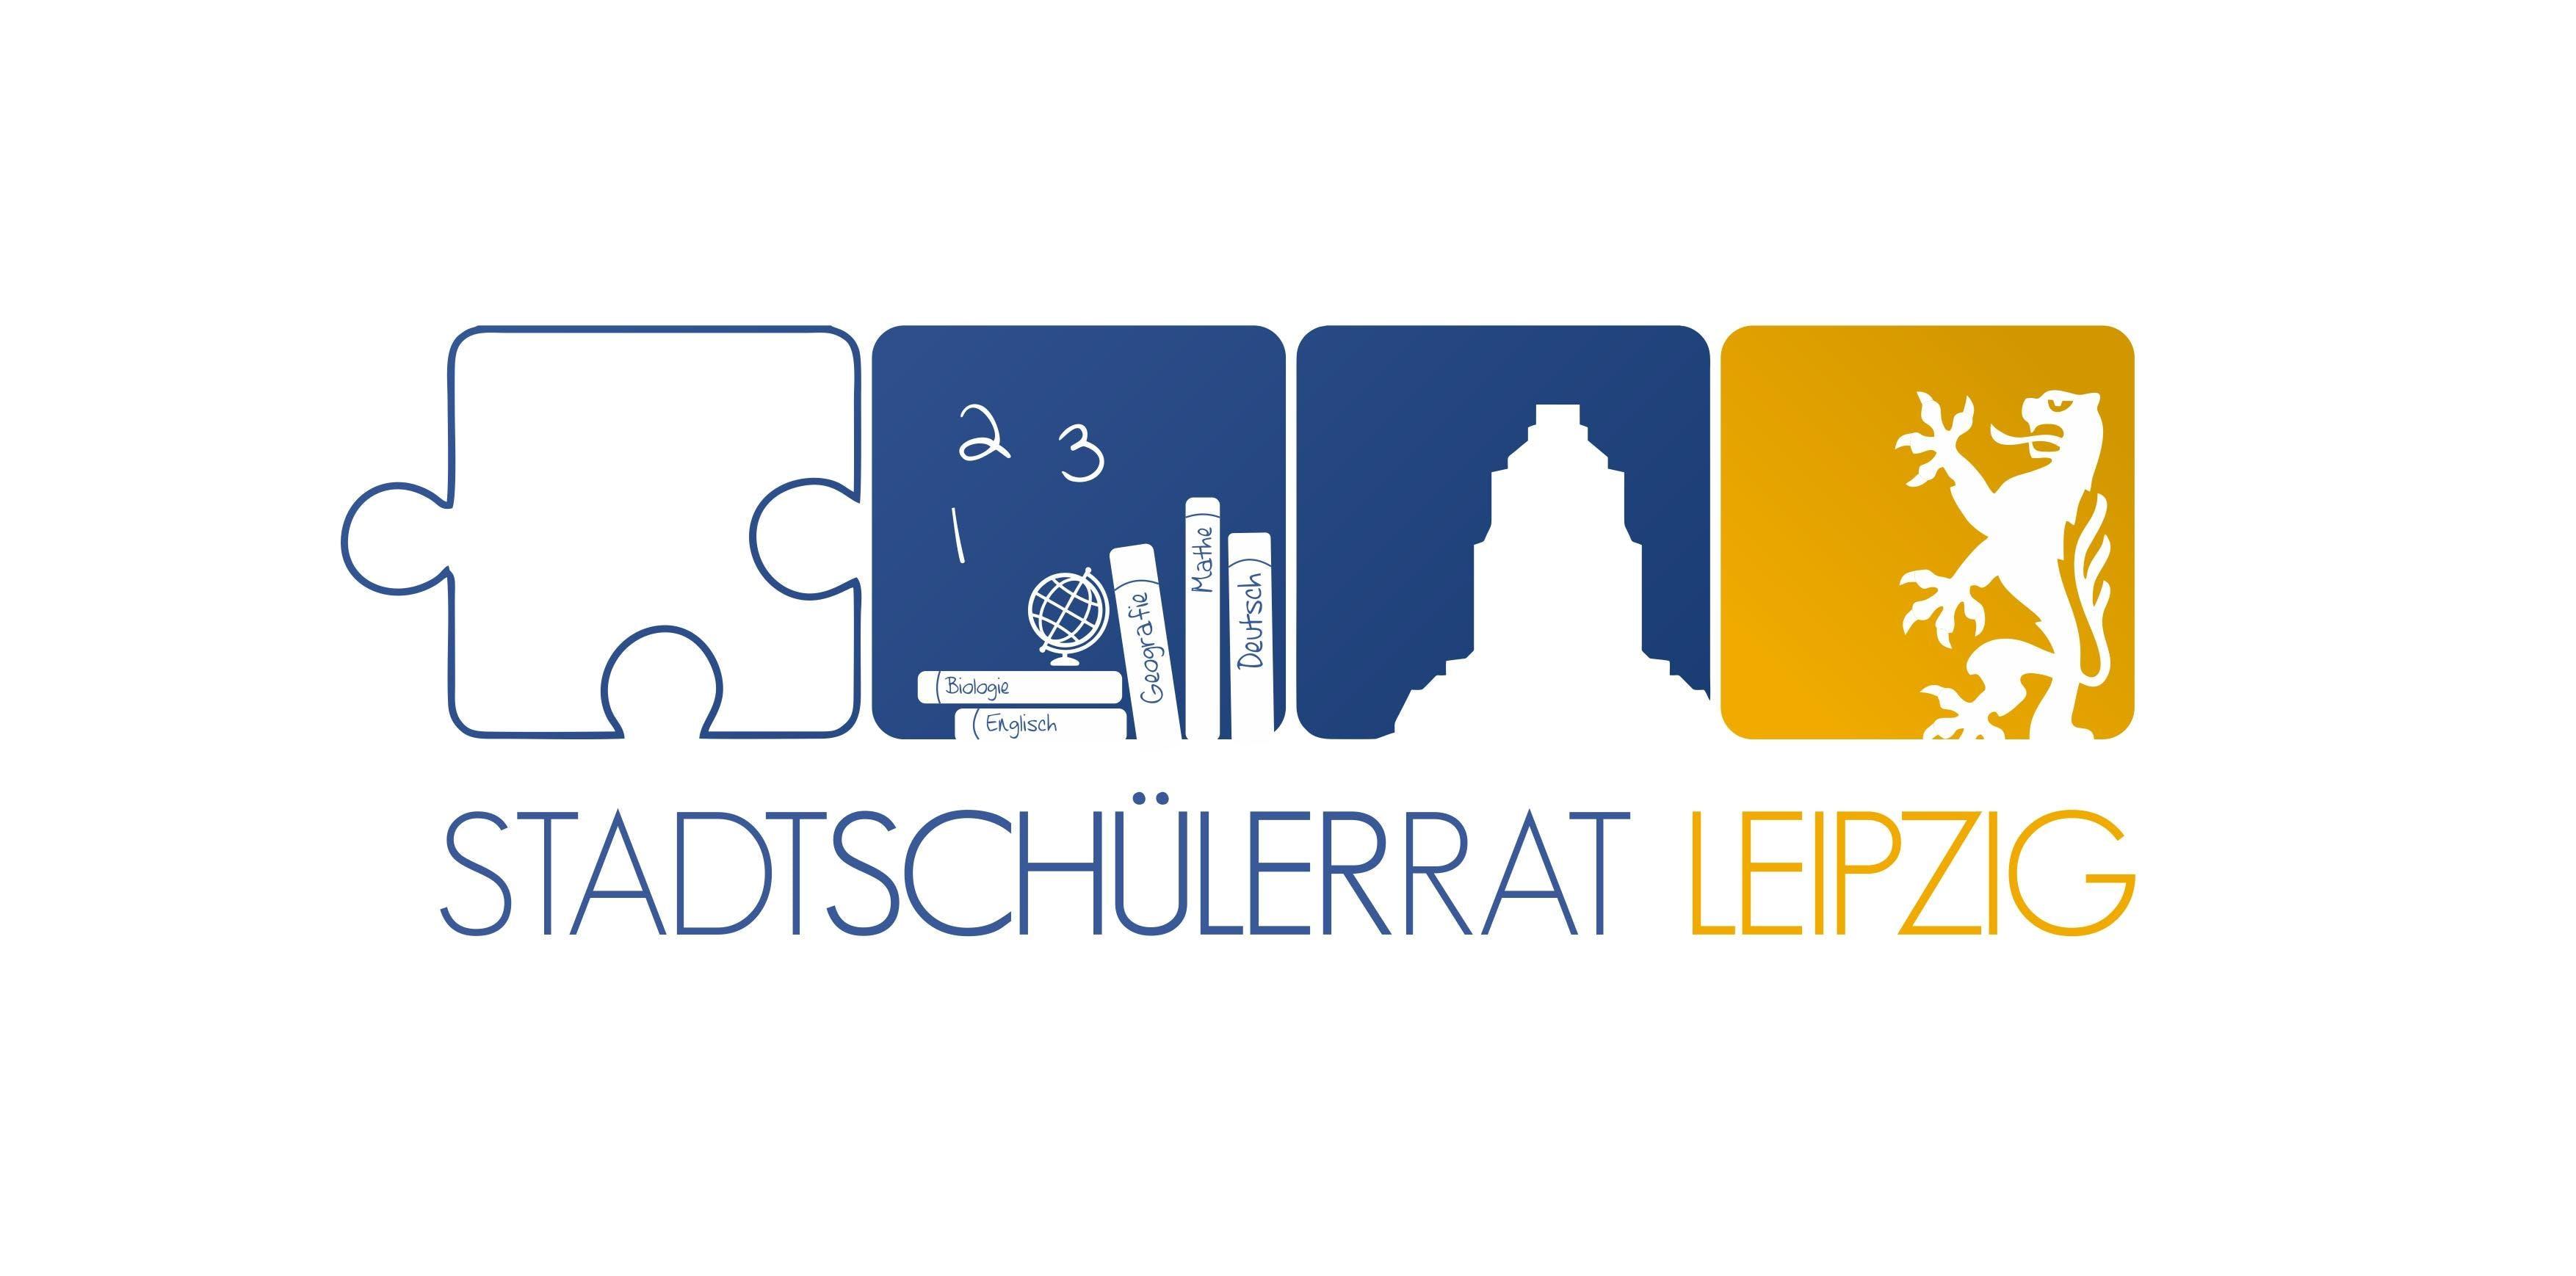 2. Vollversammlung des SSR Leipzig